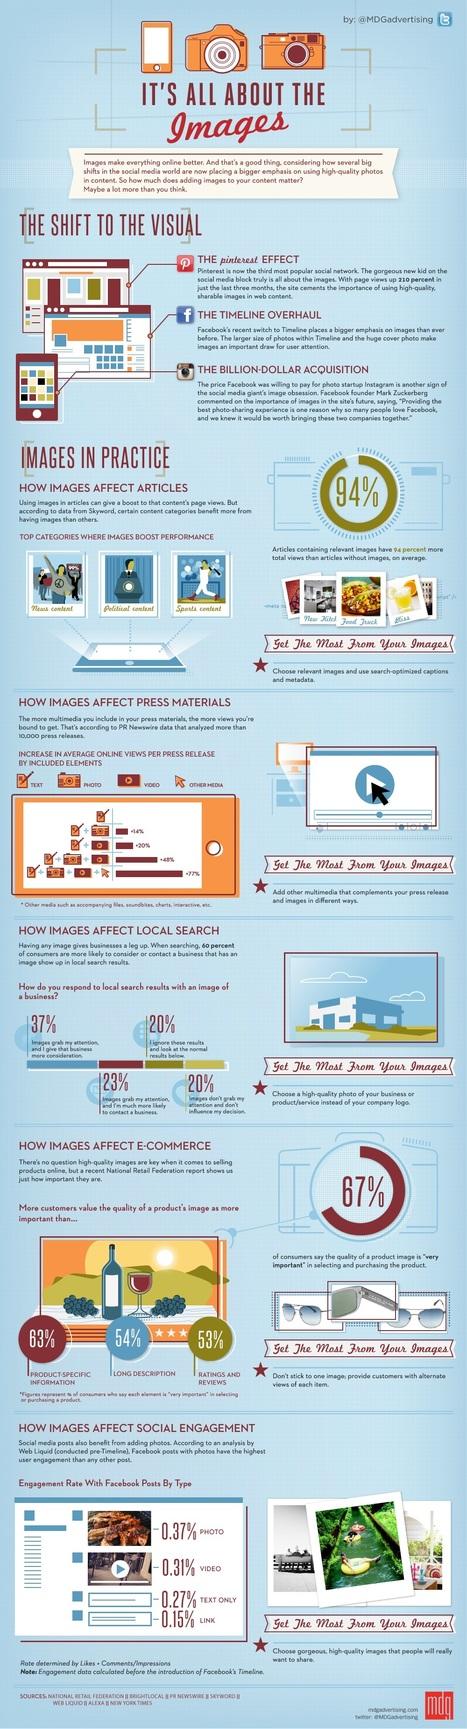 L'impact des images sur le comportement des con... | Communication - Marketing - Web | Scoop.it